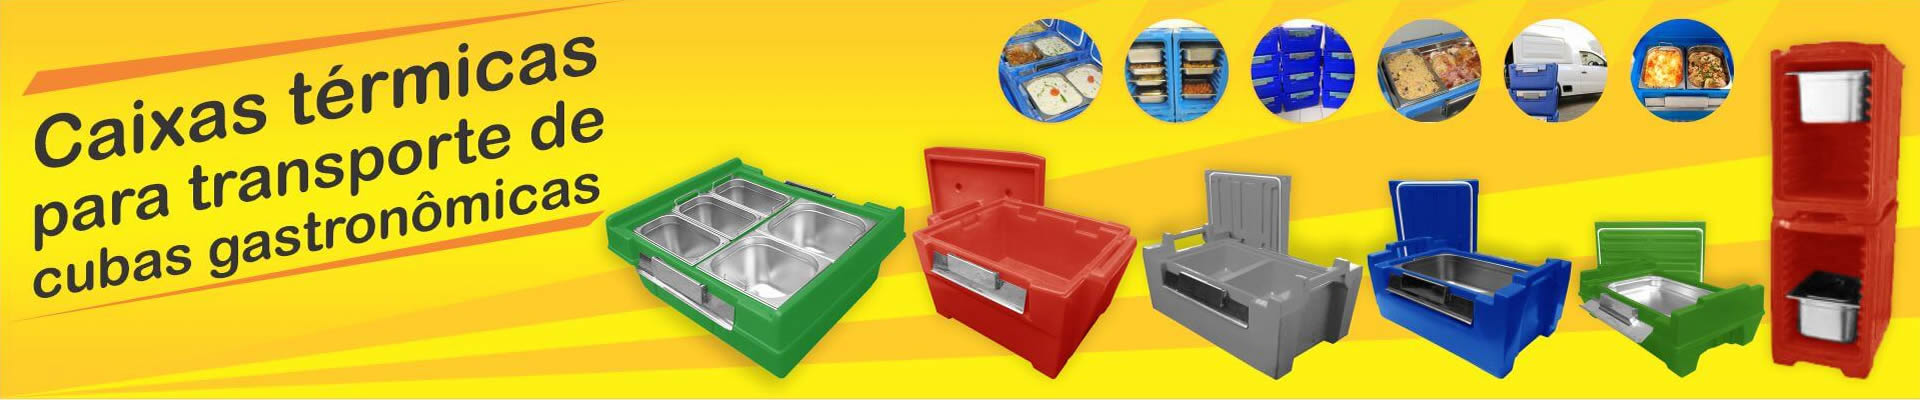 Caixas térmicas para transporte de cubas gastronômicas